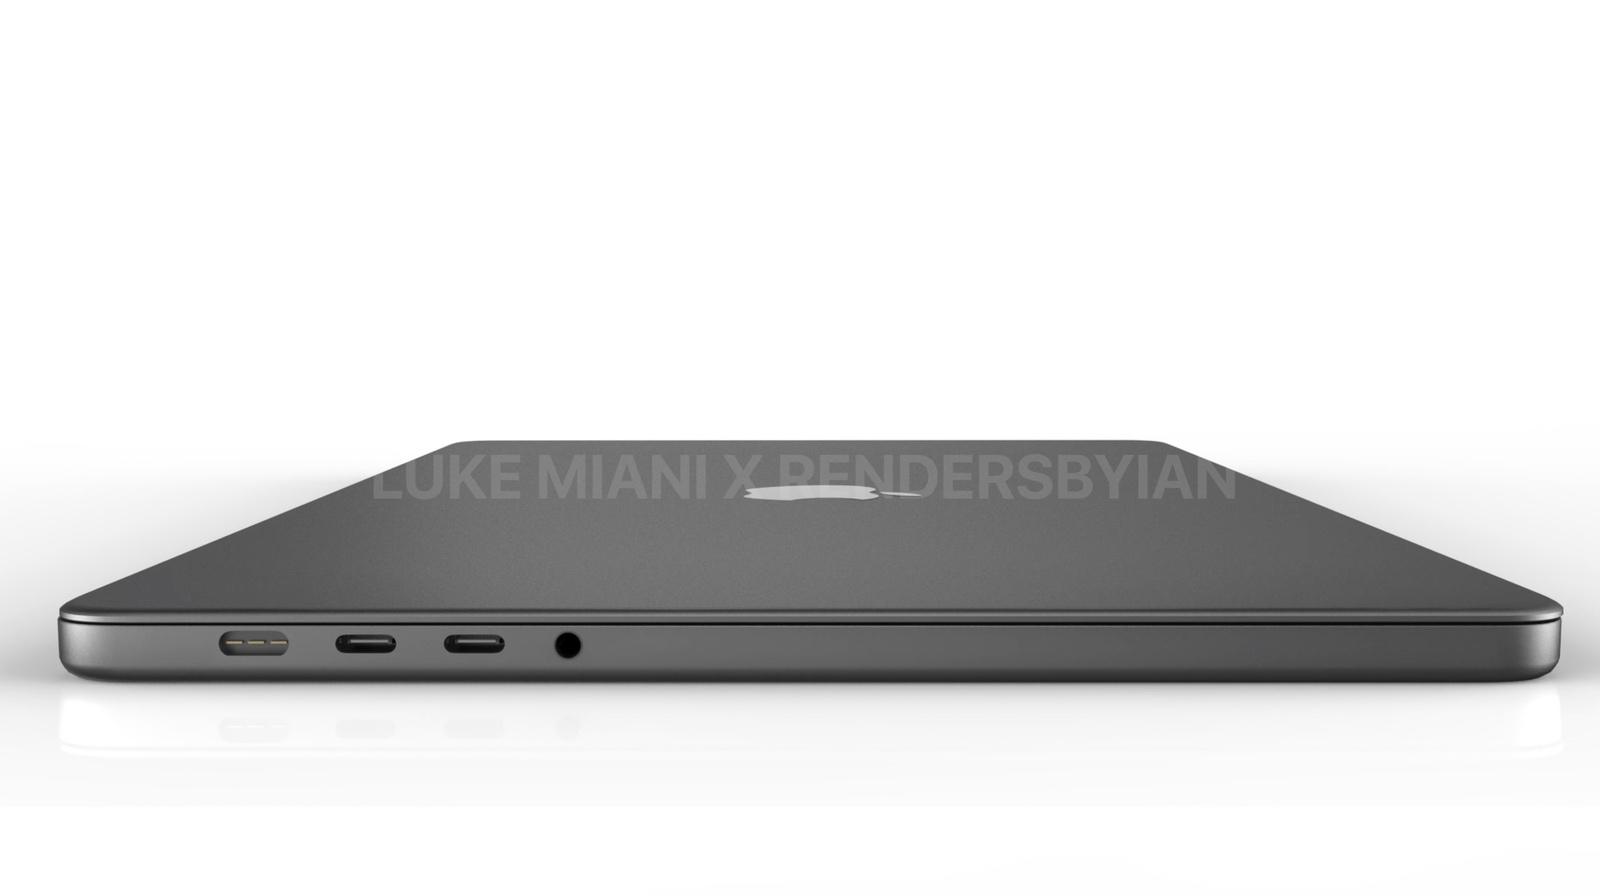 MacBookPro 2021 Rendering Images 03